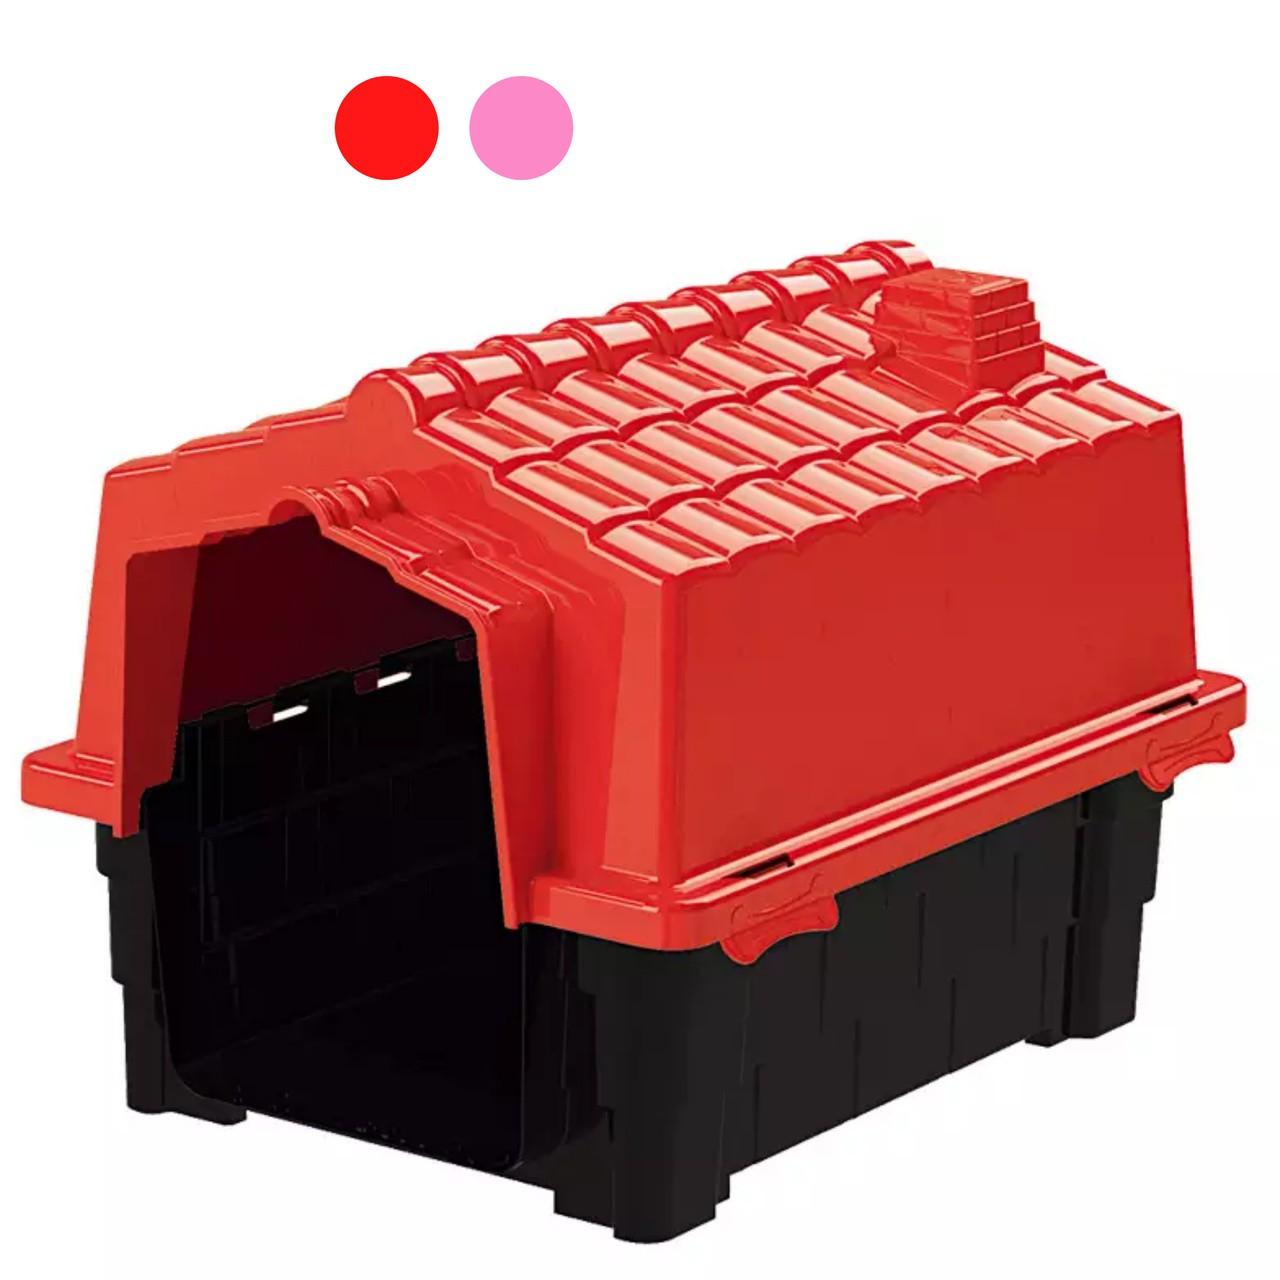 Casa Pet Injet Prime Colors Dog House Evolution Rosa ou Vermelha